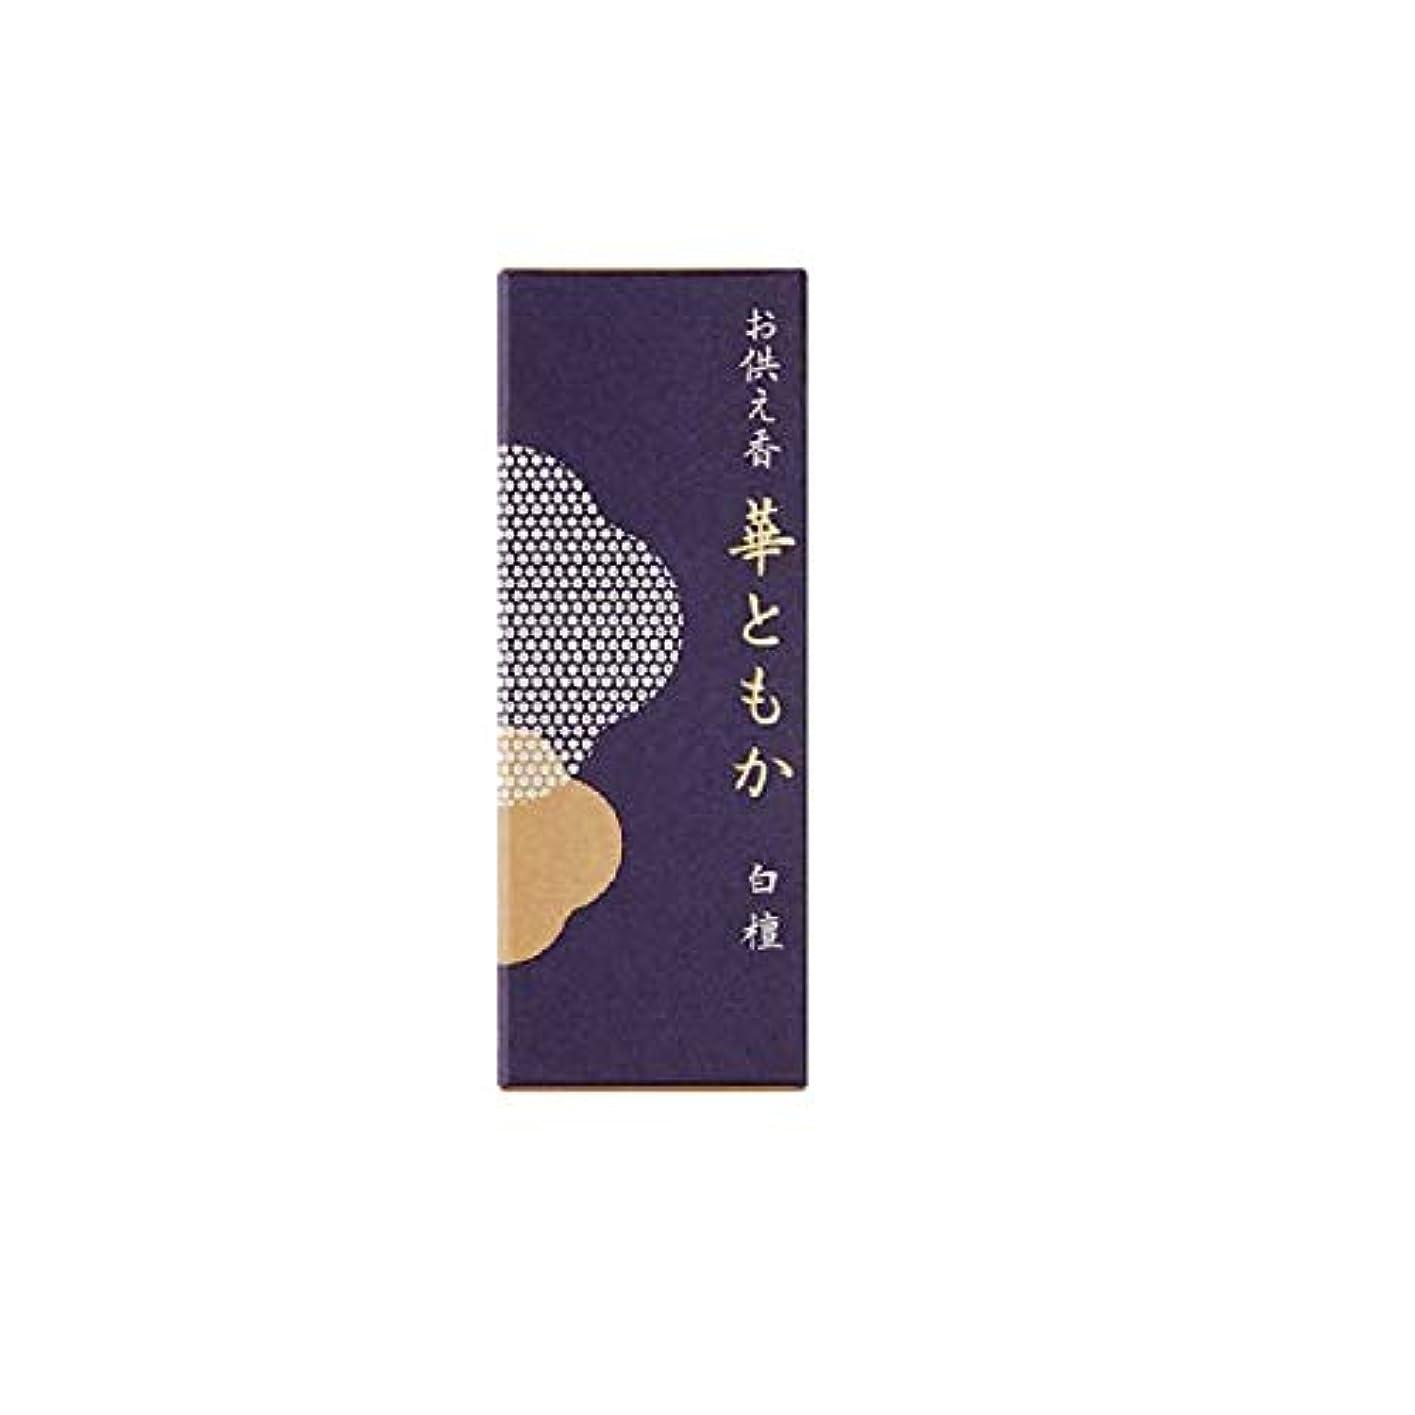 中級中国吐くお供え香 華ともか 補充用香料 白檀の香り